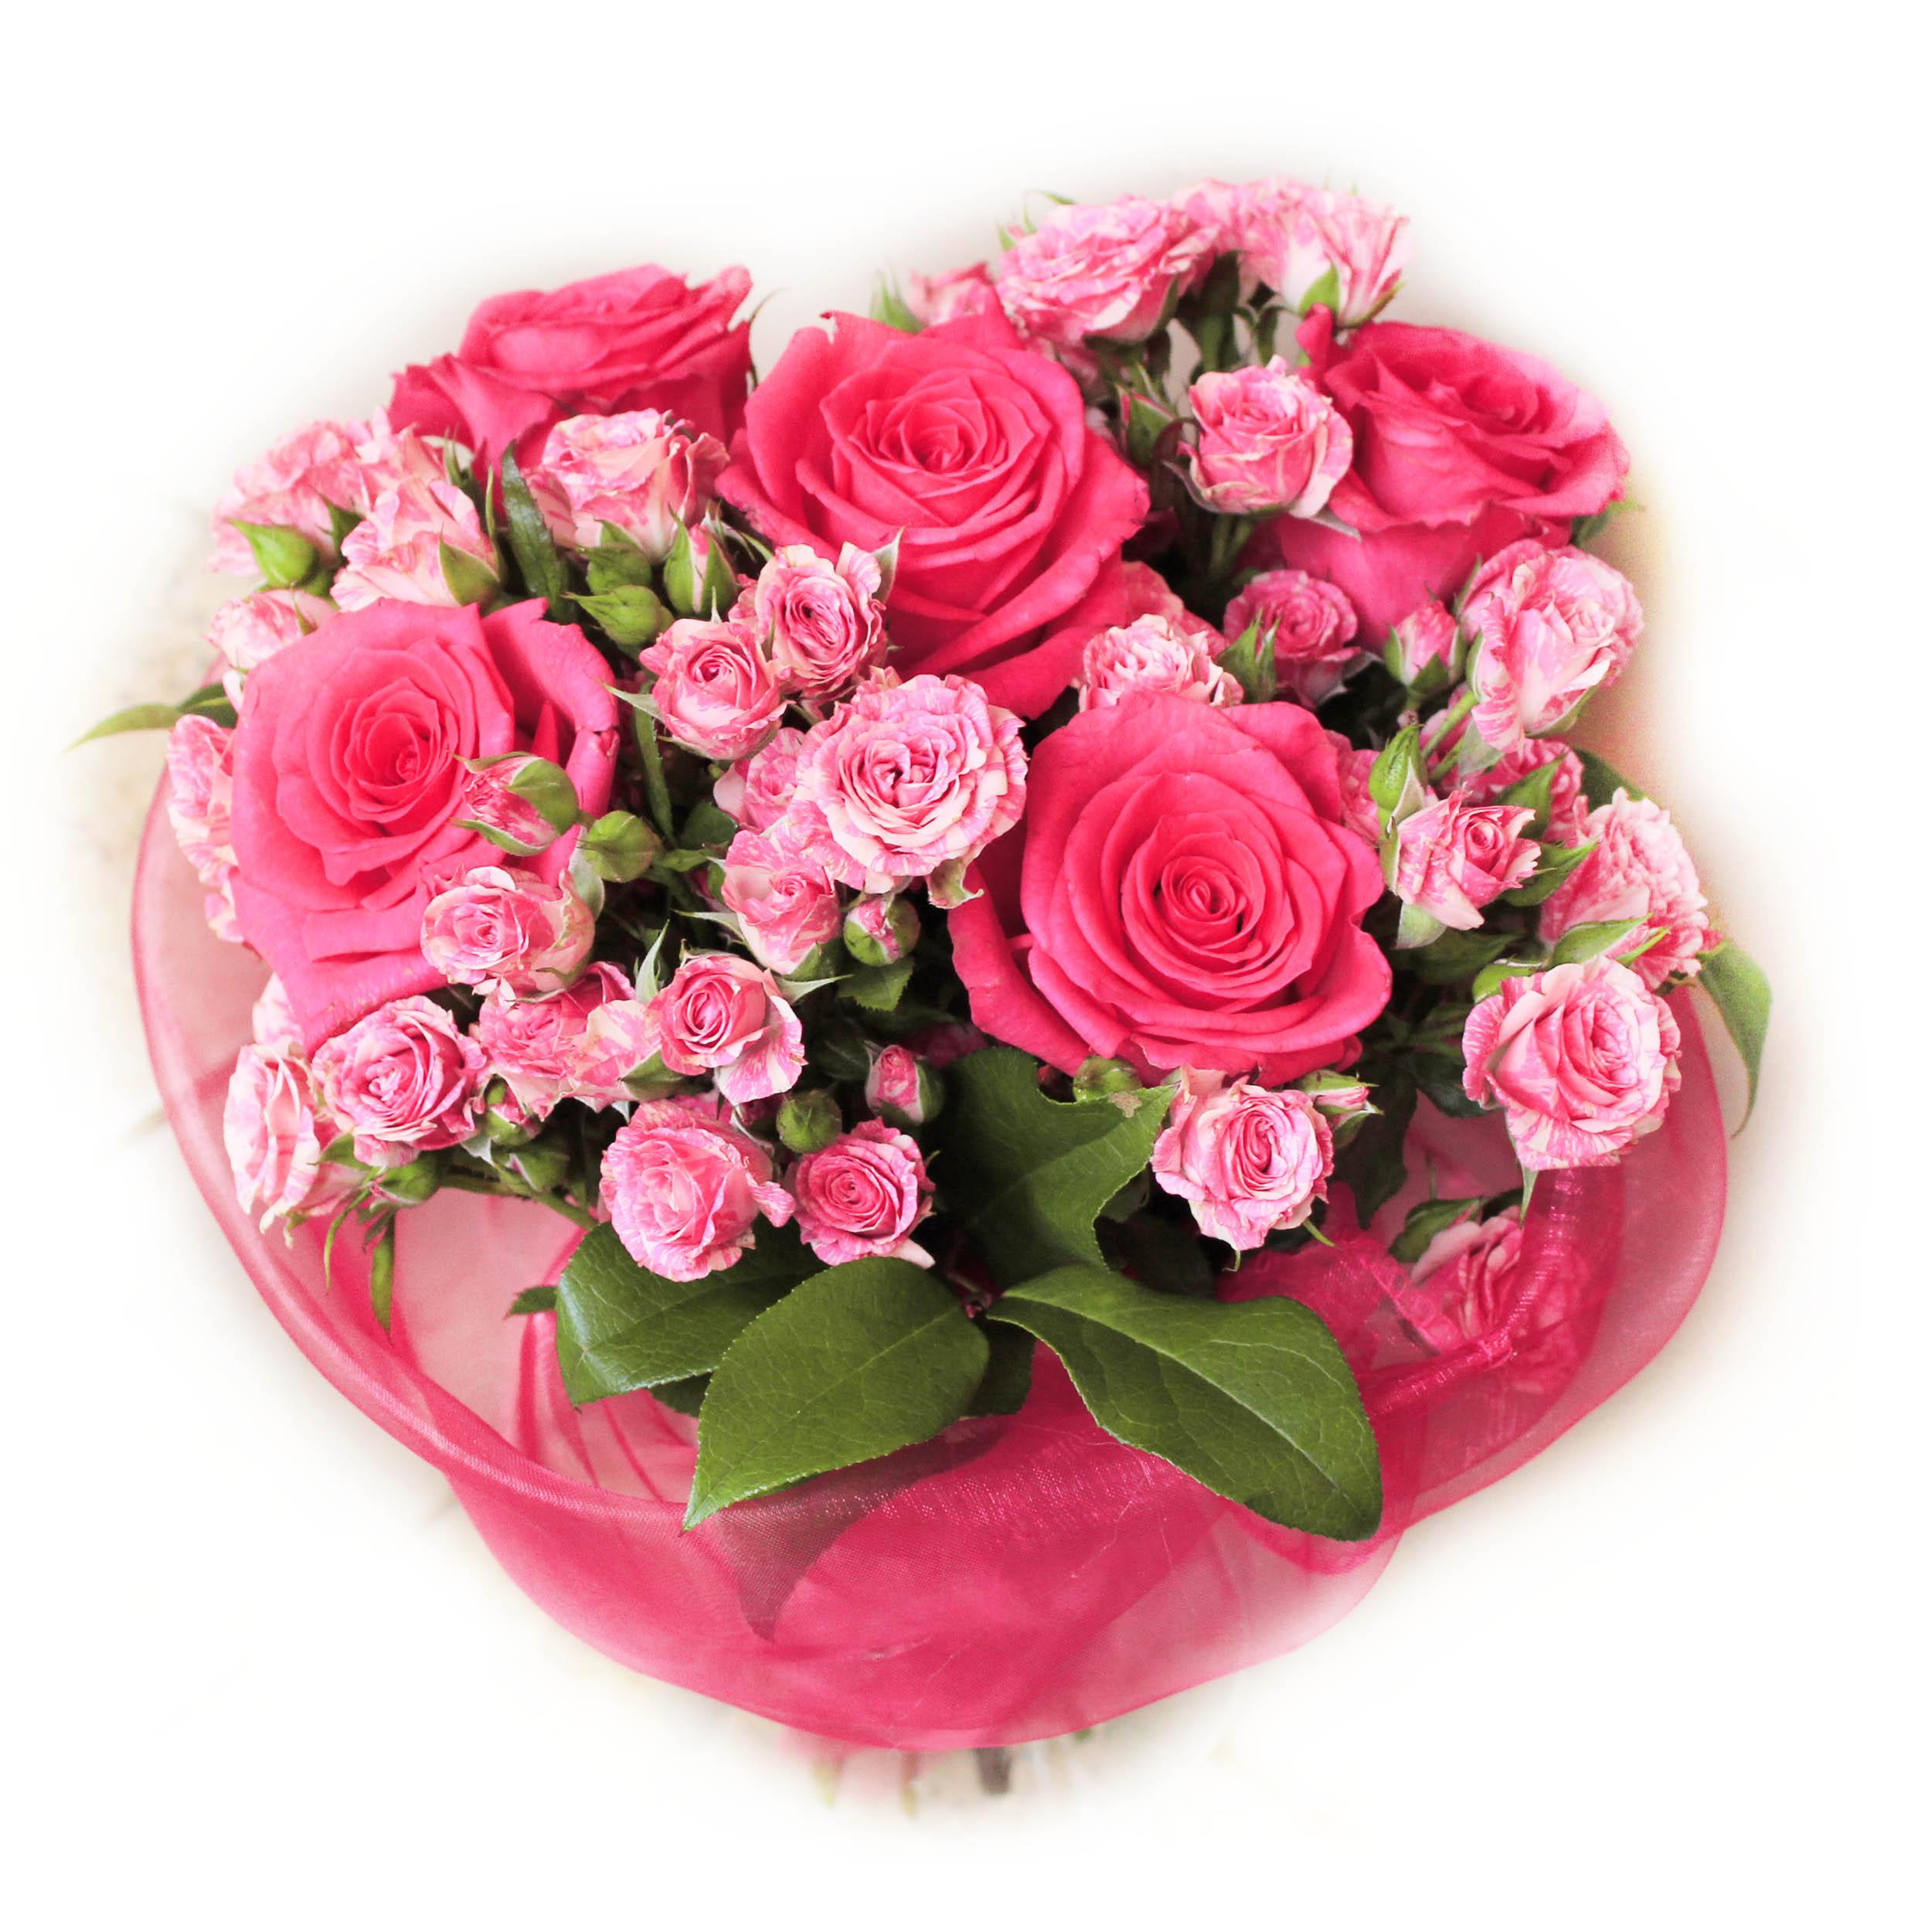 roses23.jpg